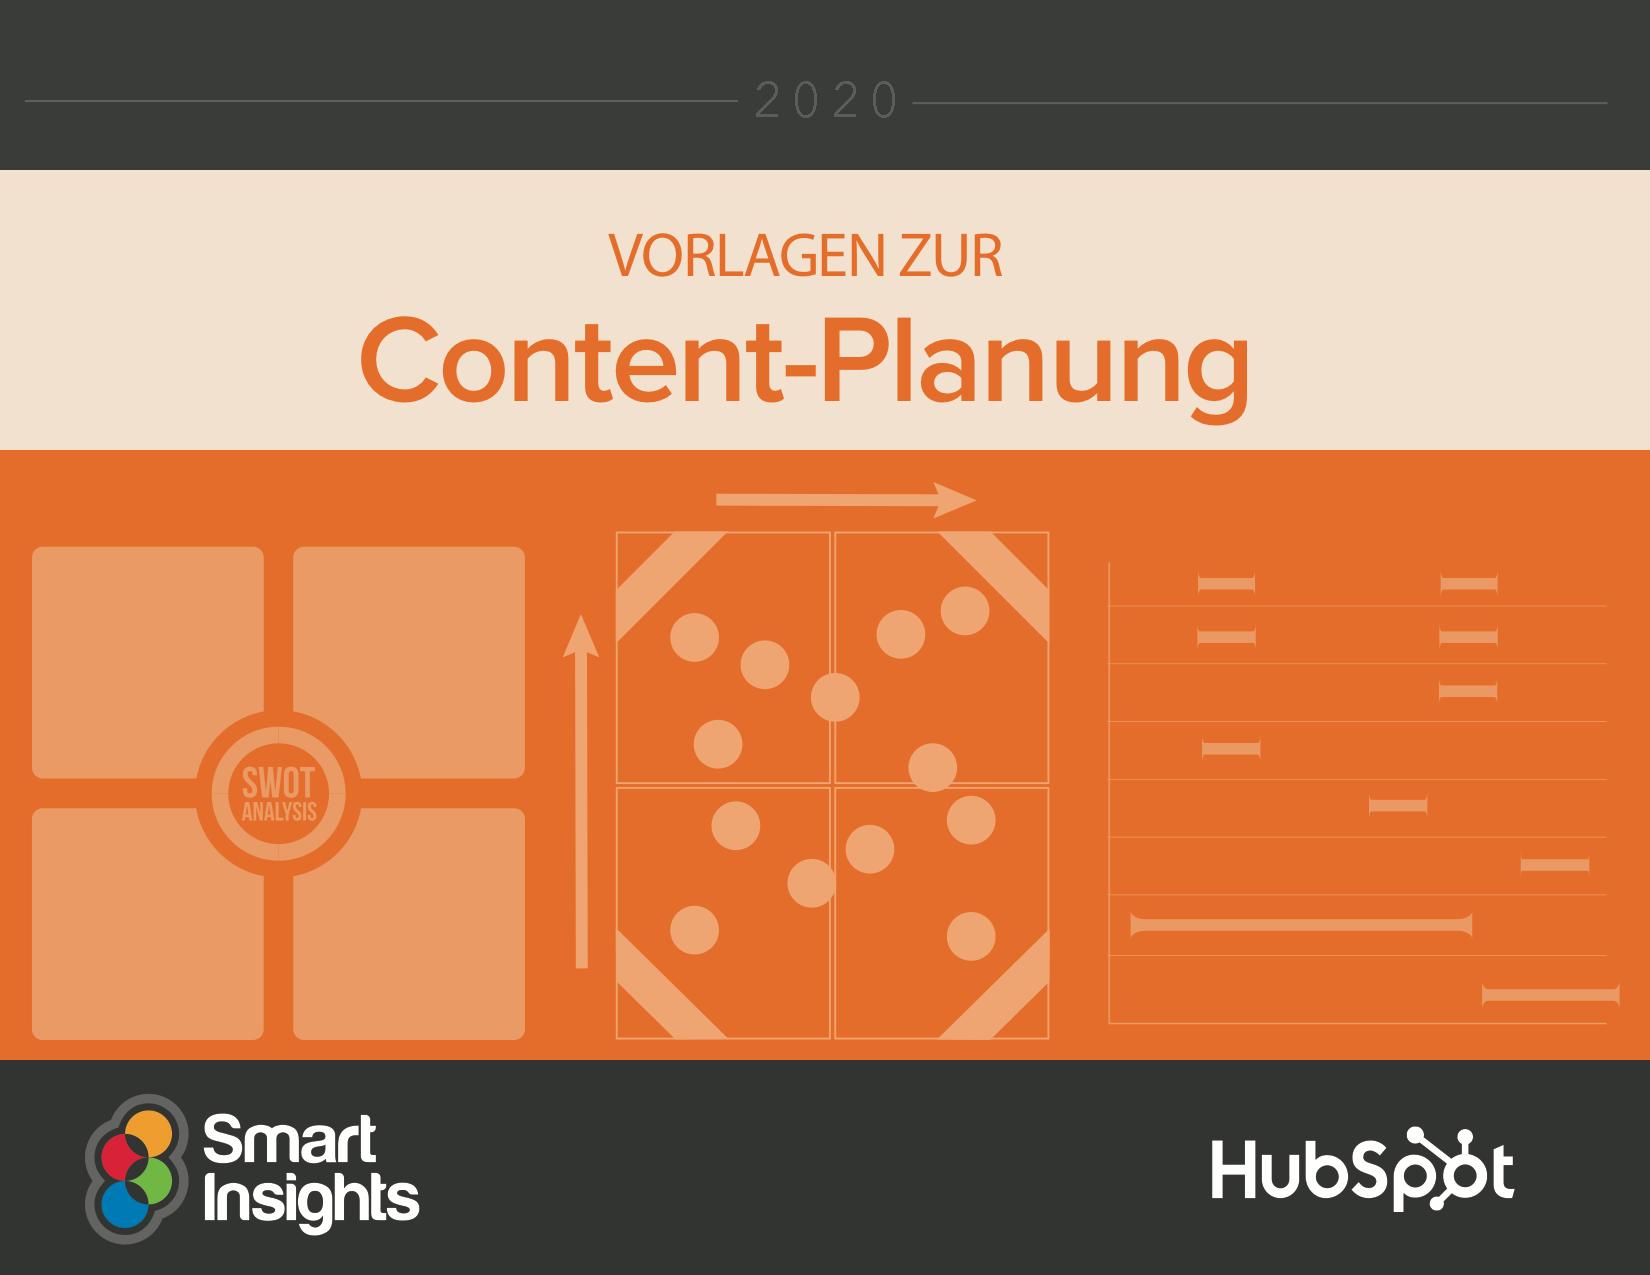 HubSpot-Vorlagen-zur-Content-Planung-Vorschau-01-neu